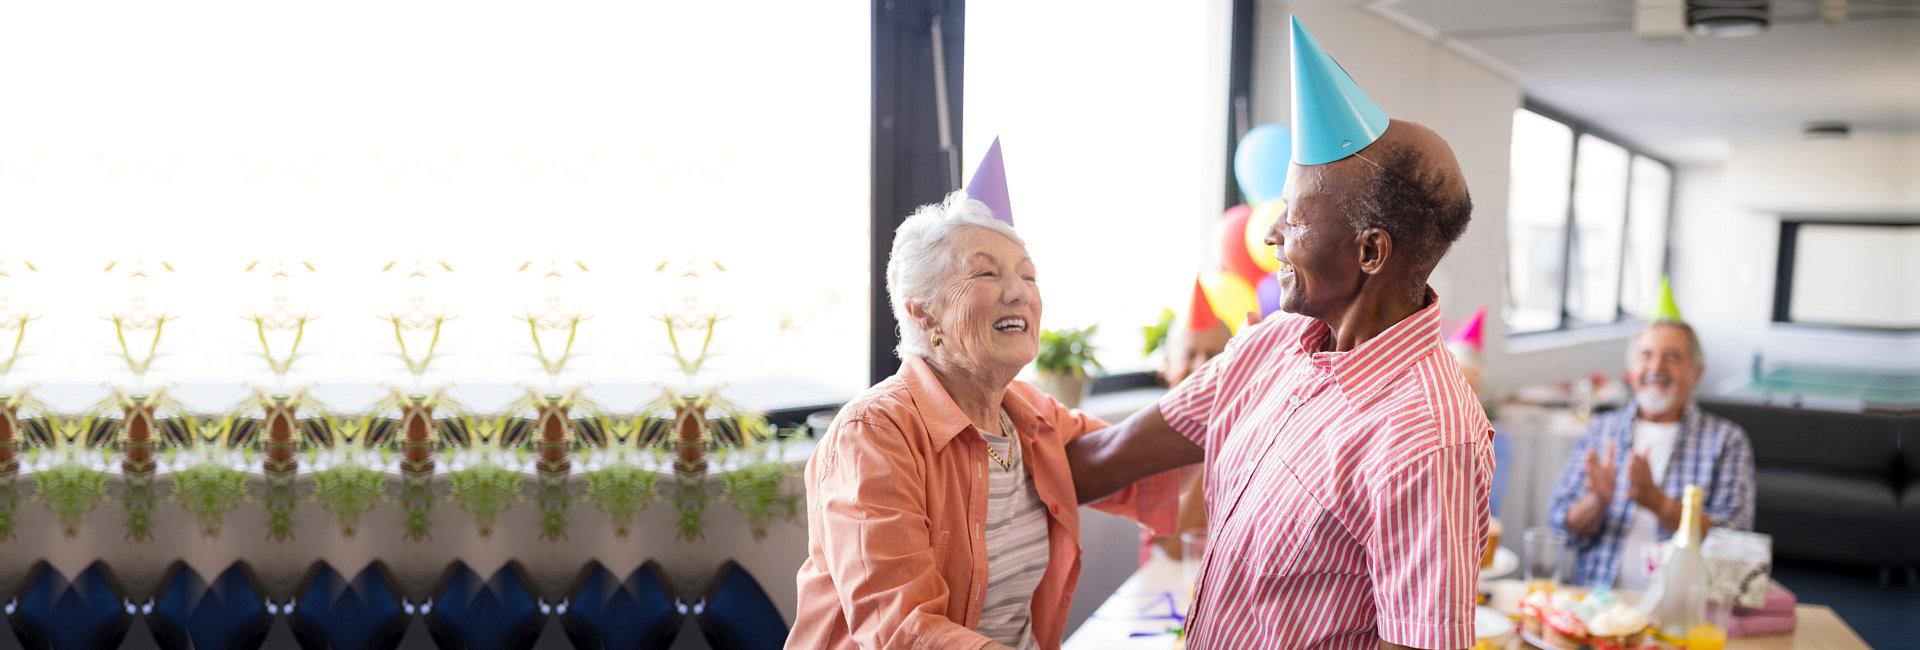 elderly people having fun